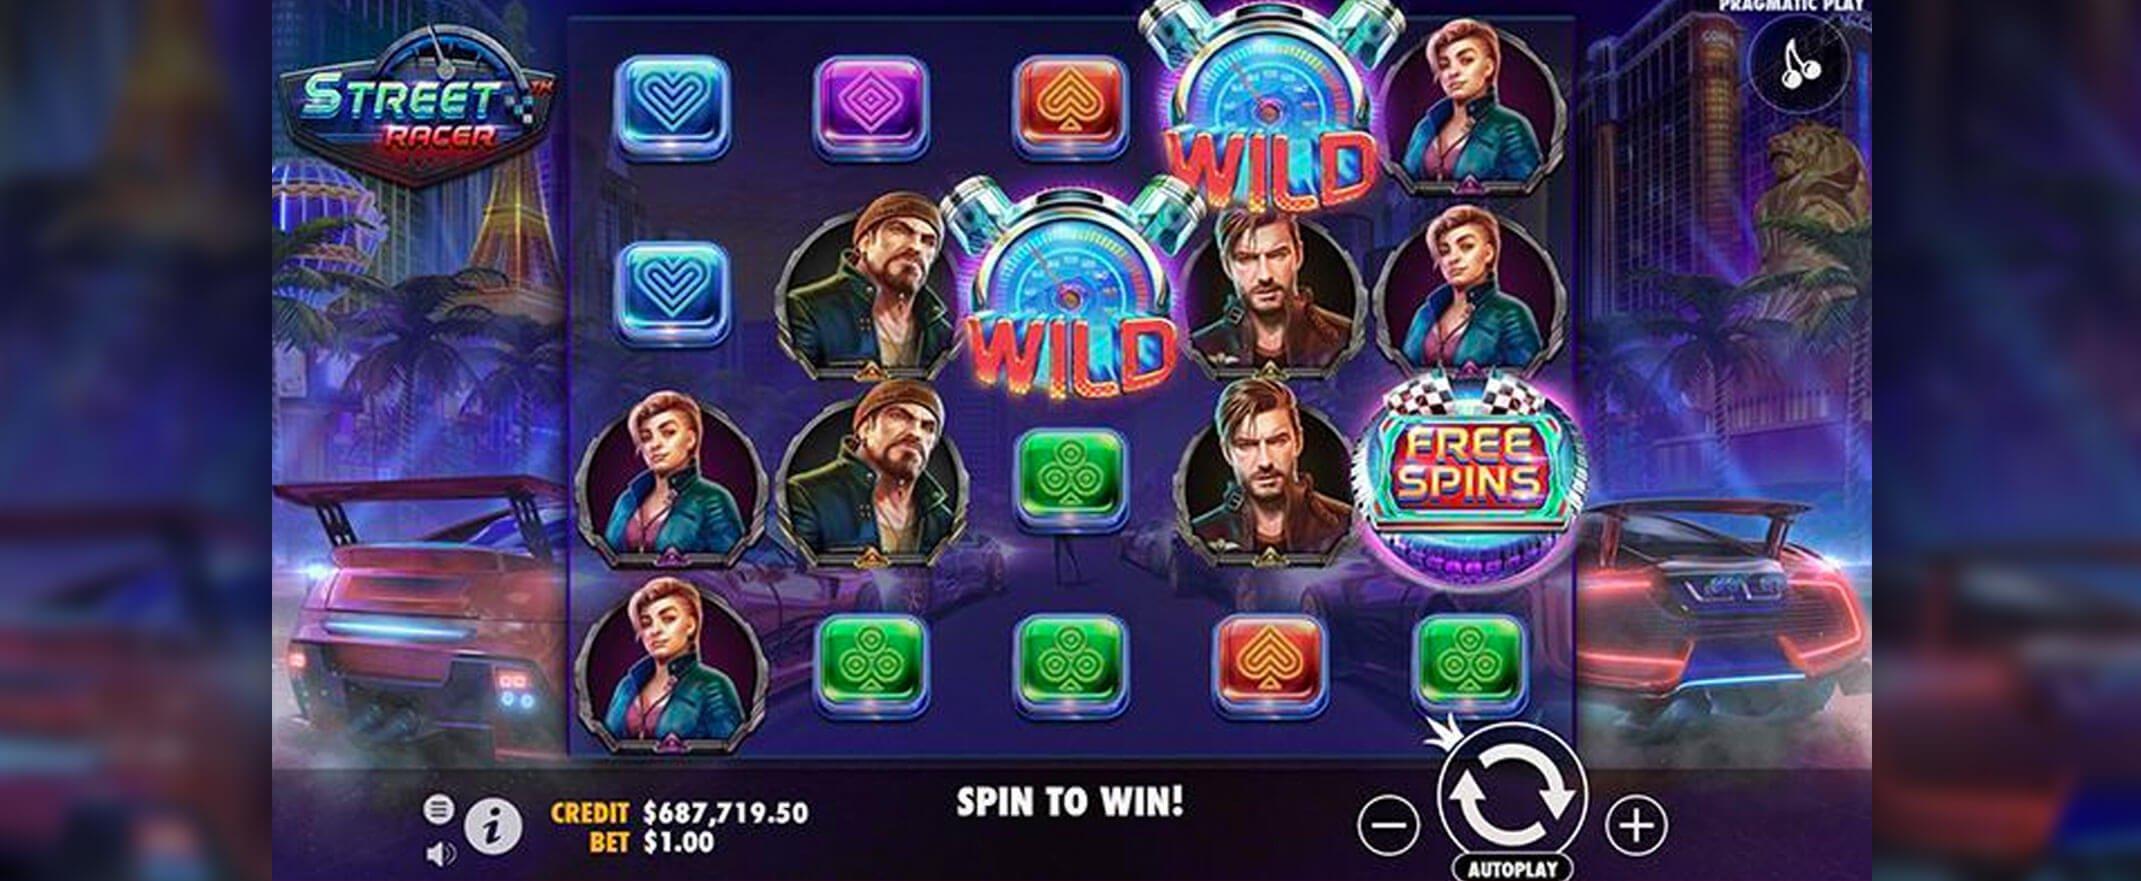 Casino spel gratis slots Urlaubsvergnügen